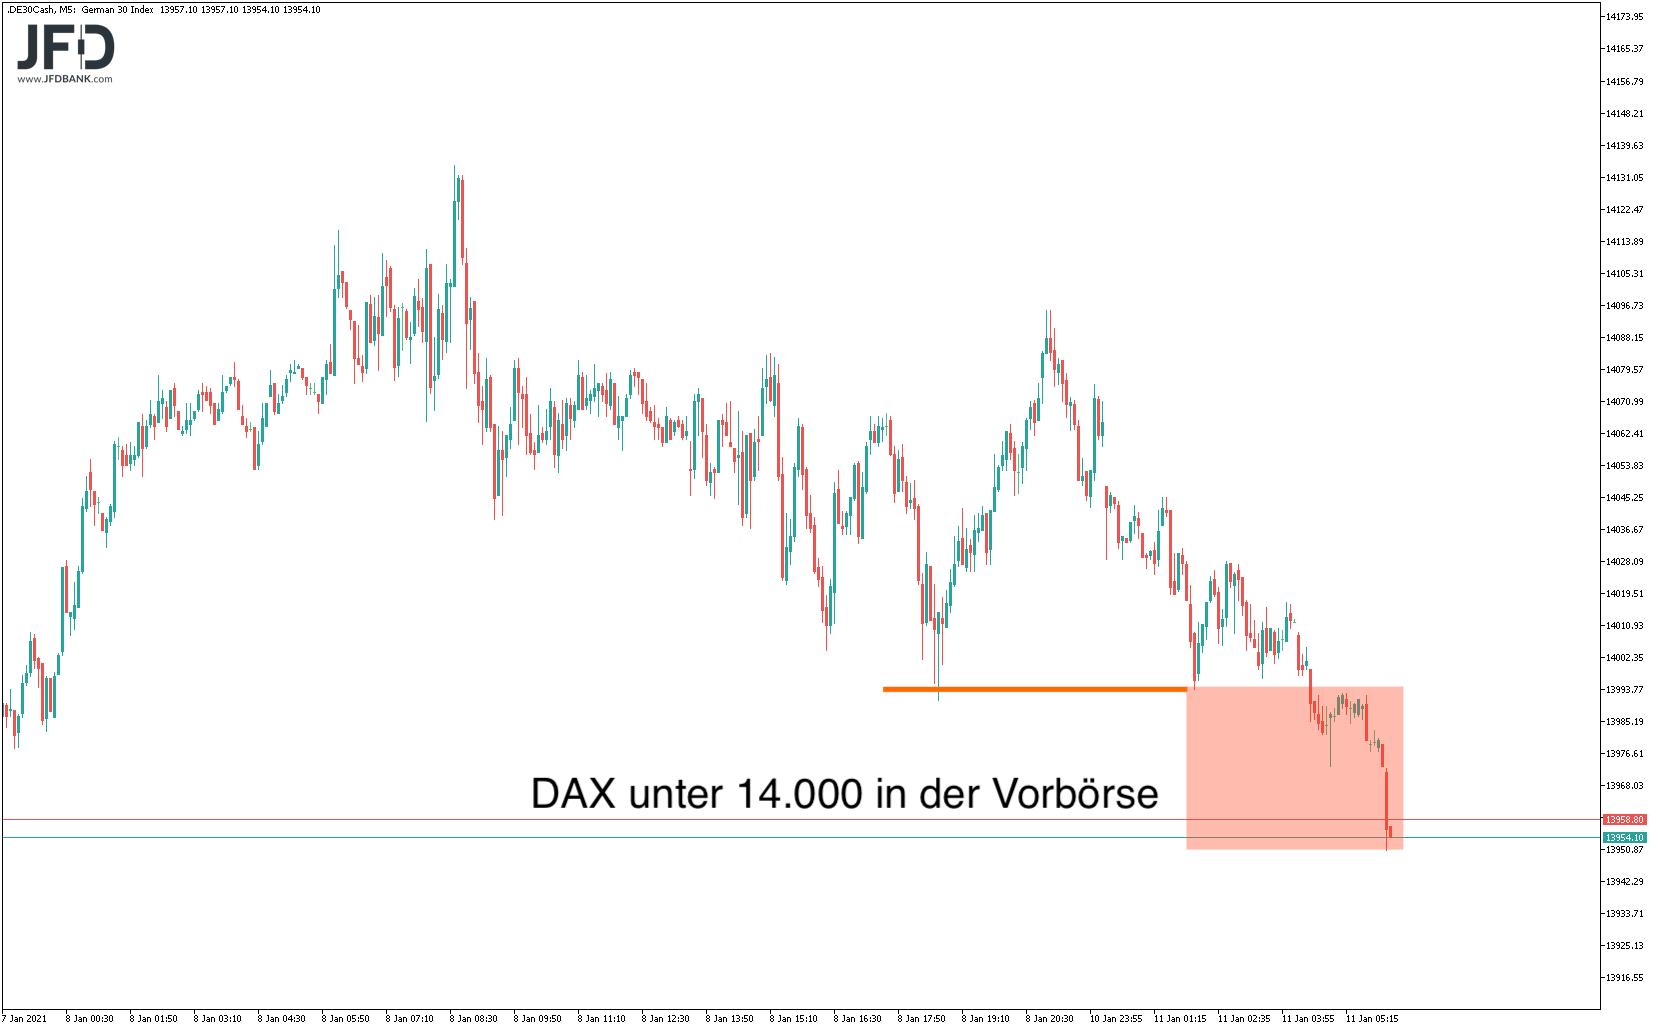 Vorsicht-bei-der-nächsten-DAX-Korrektur-Kommentar-JFD-Bank-GodmodeTrader.de-6